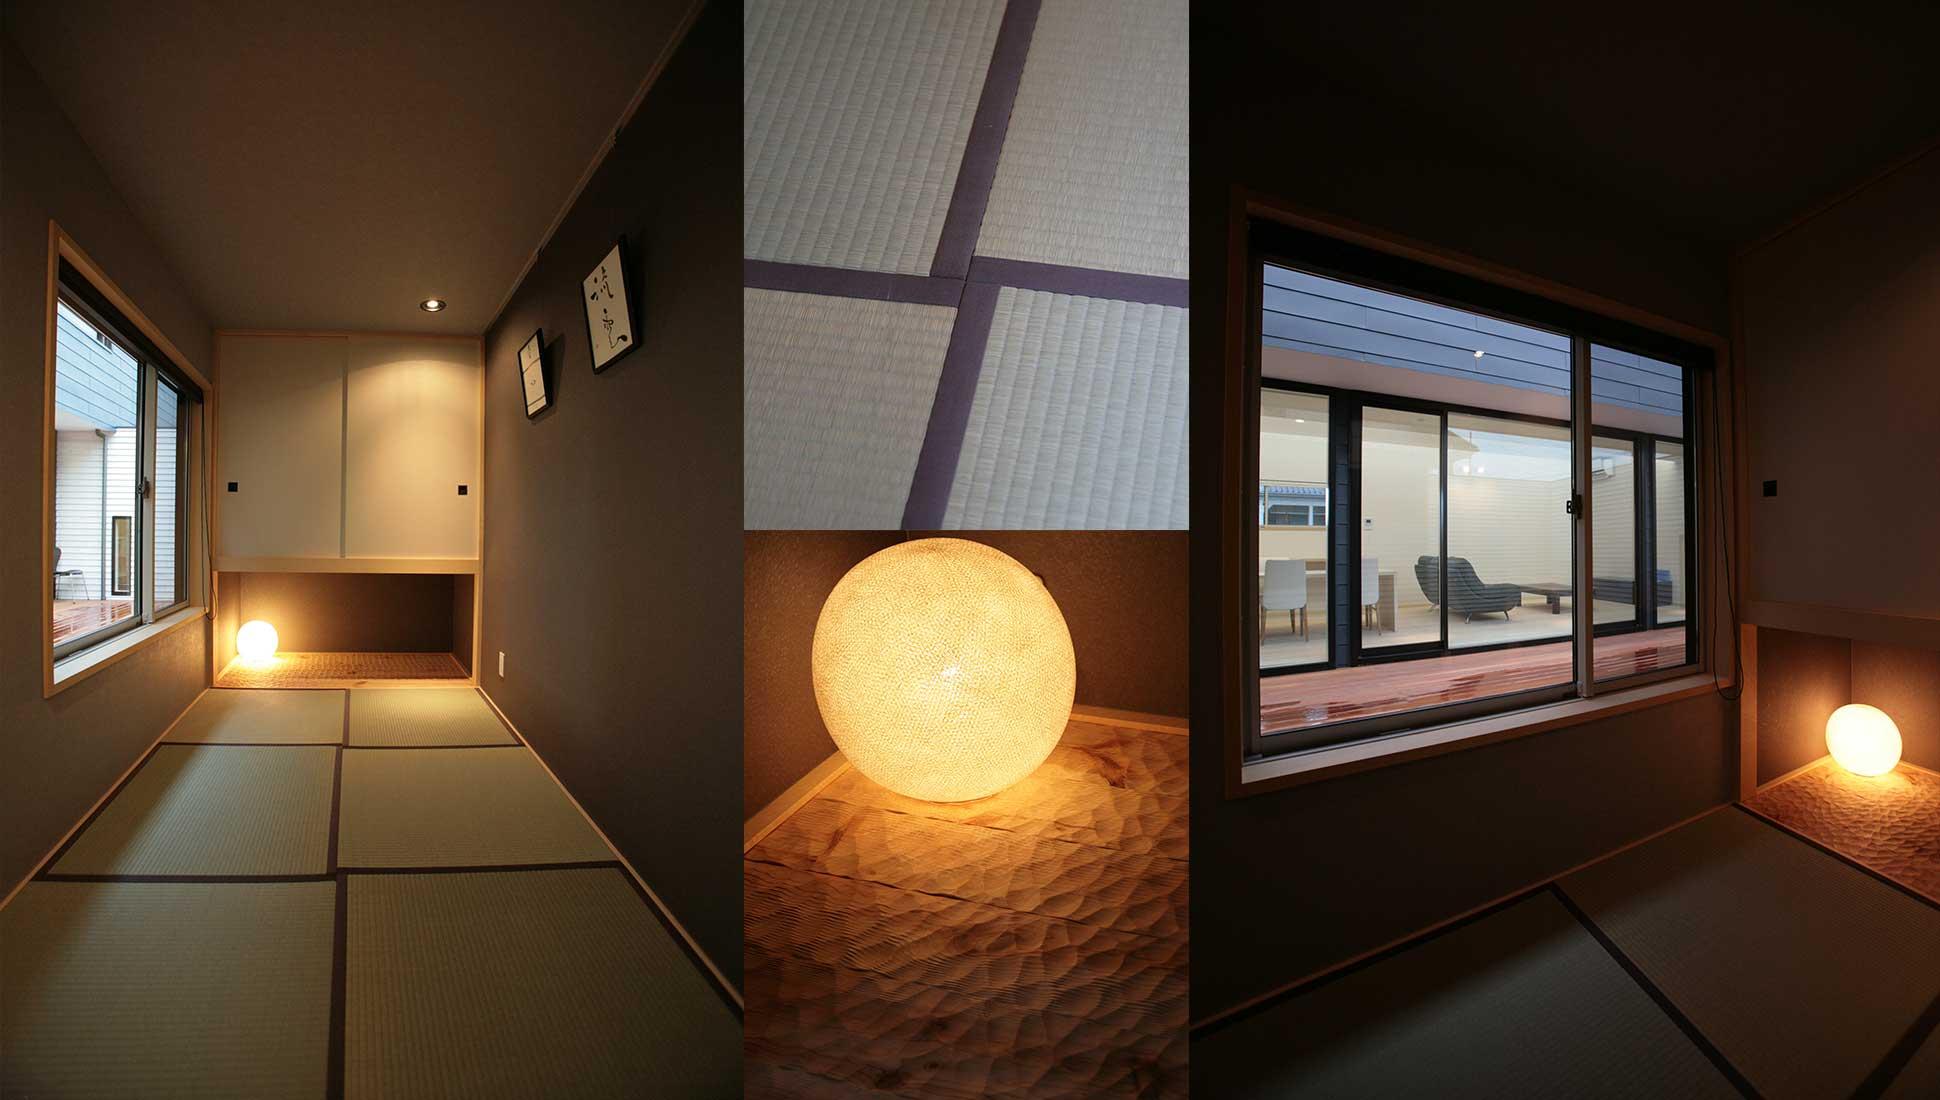 ミニマムな離れの和室:30坪の家を35坪にする中庭のある家_木更津